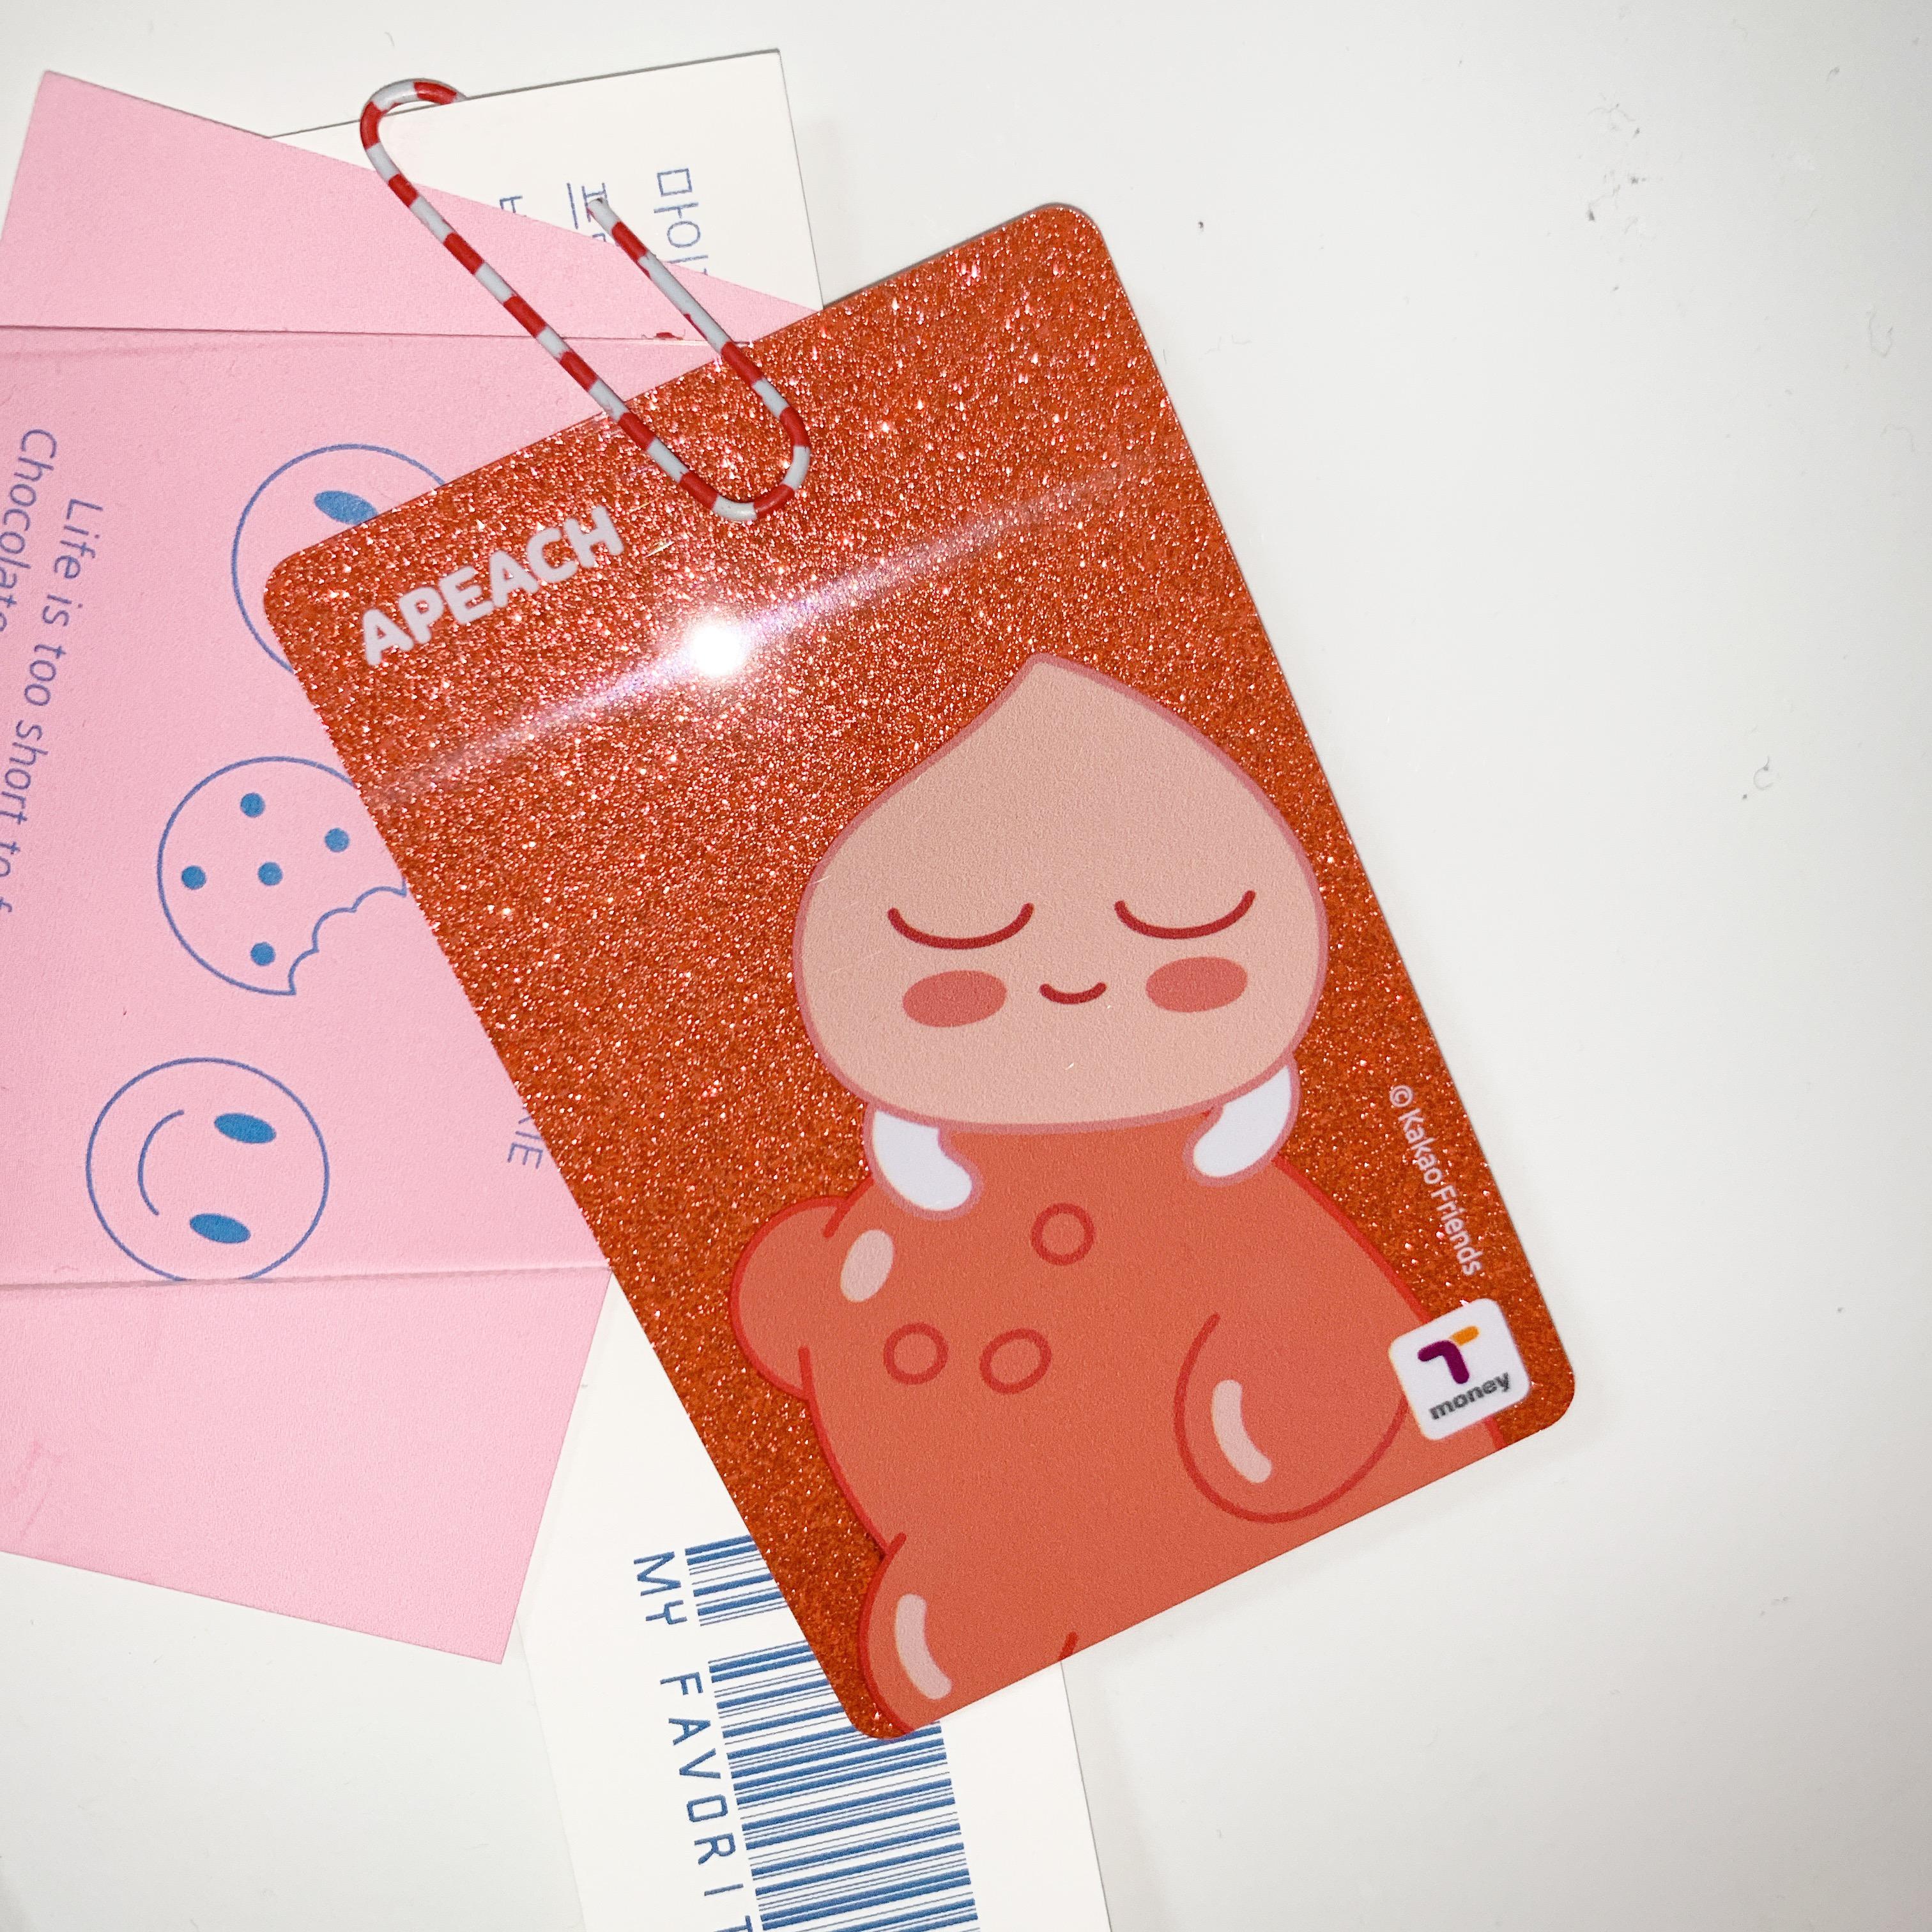 韓国行くなら必読?! かわいいカードの正体は..?♥️